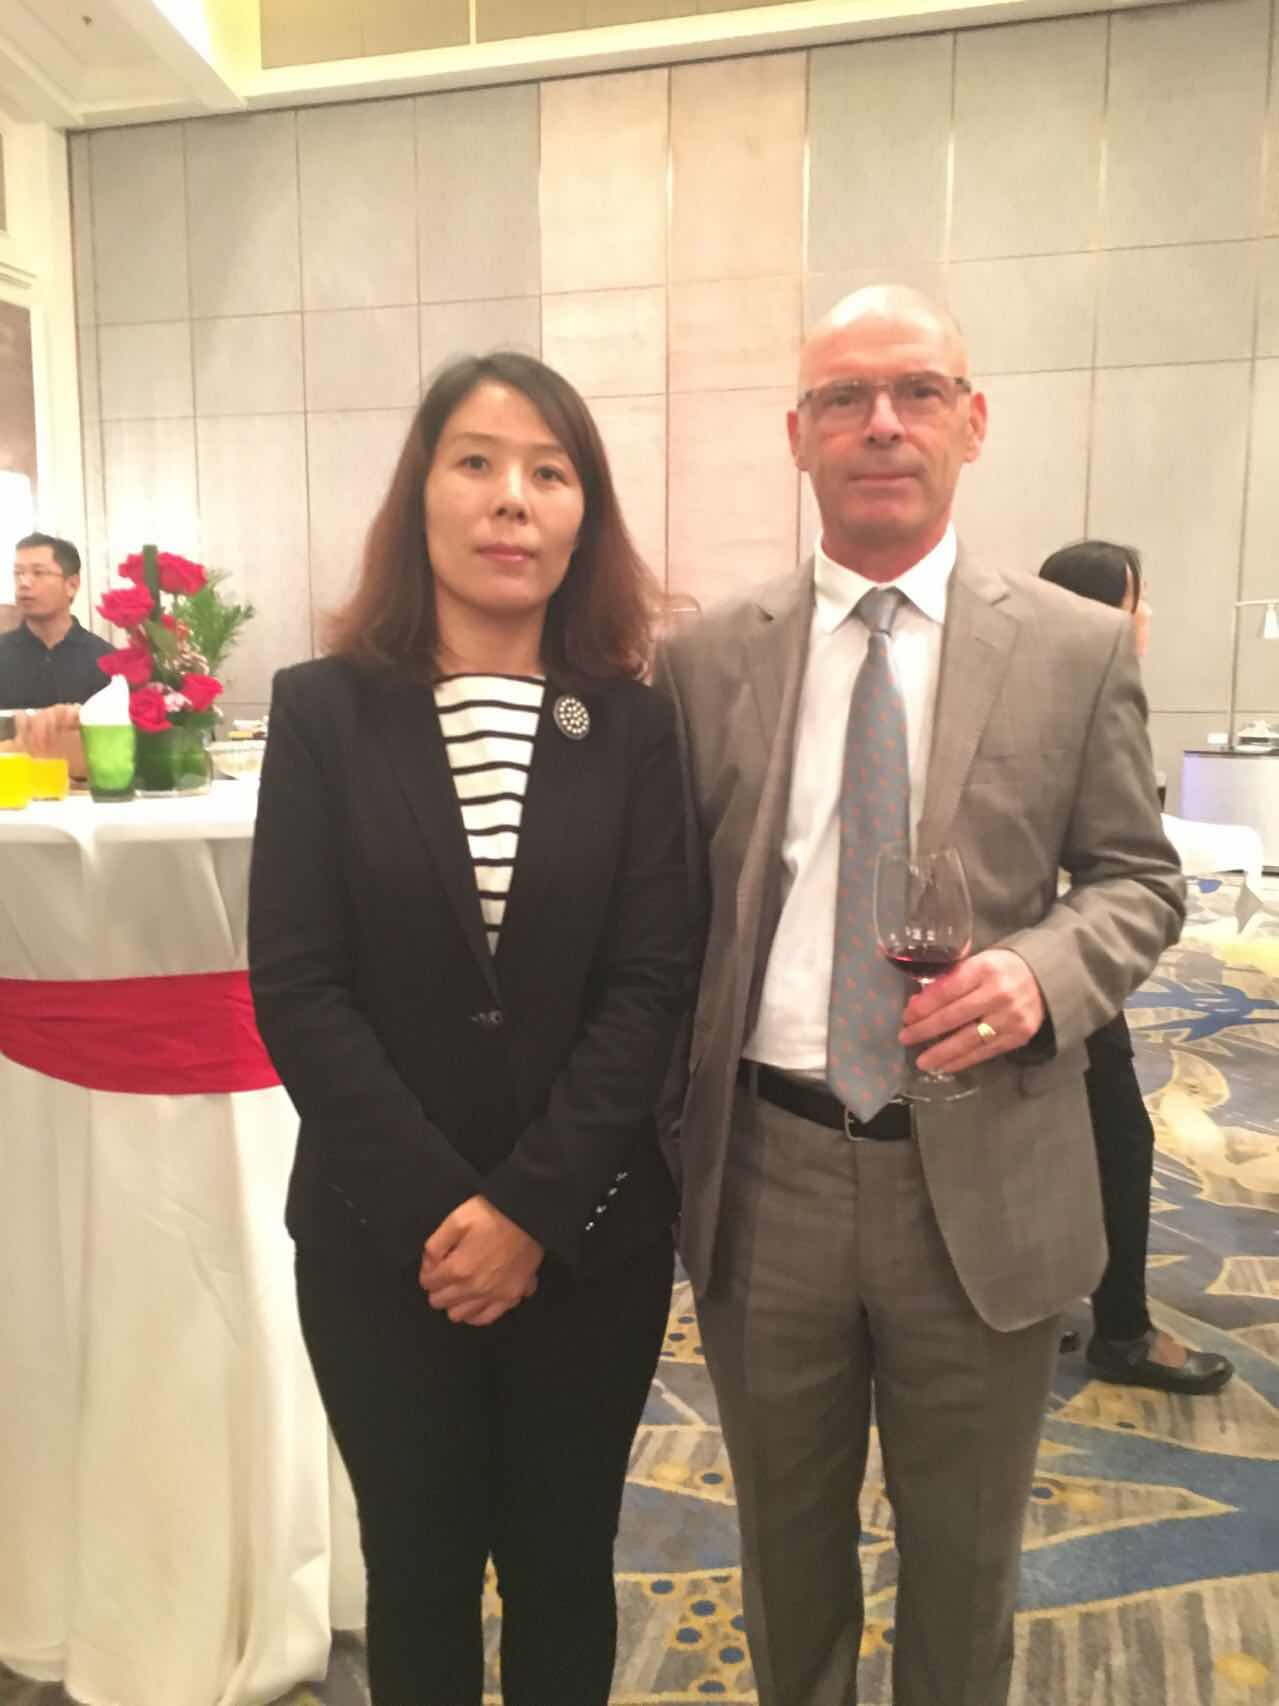 阿尔巴尼亚共和国驻华大使赛利姆·贝洛尔塔亚与组委会秘书长崔江红